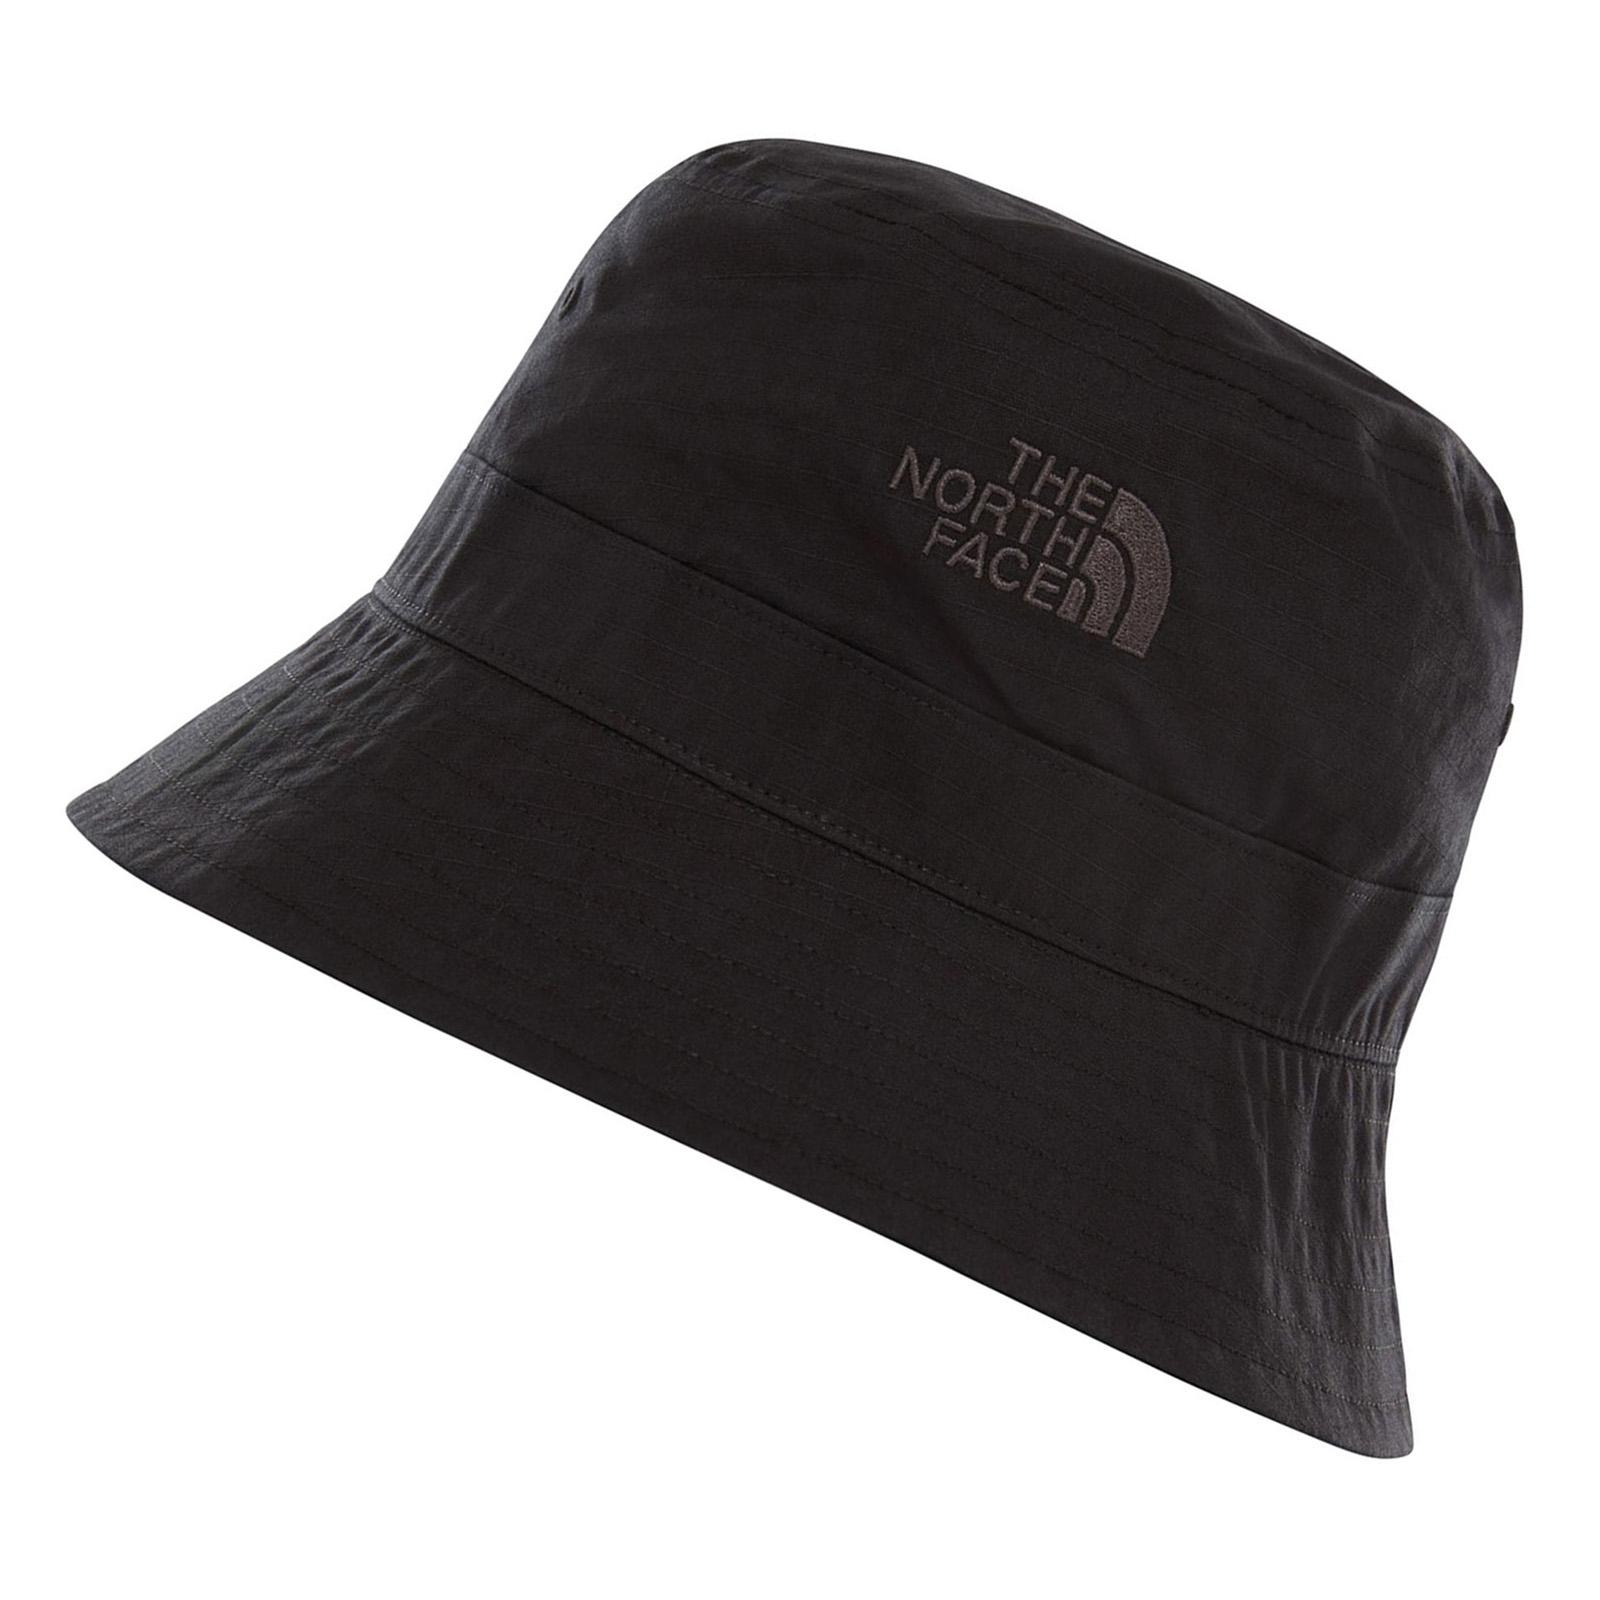 The North Face Cotton Bucket Hat - Black - Cappello Da Pescatore Nero d330e7e6a556